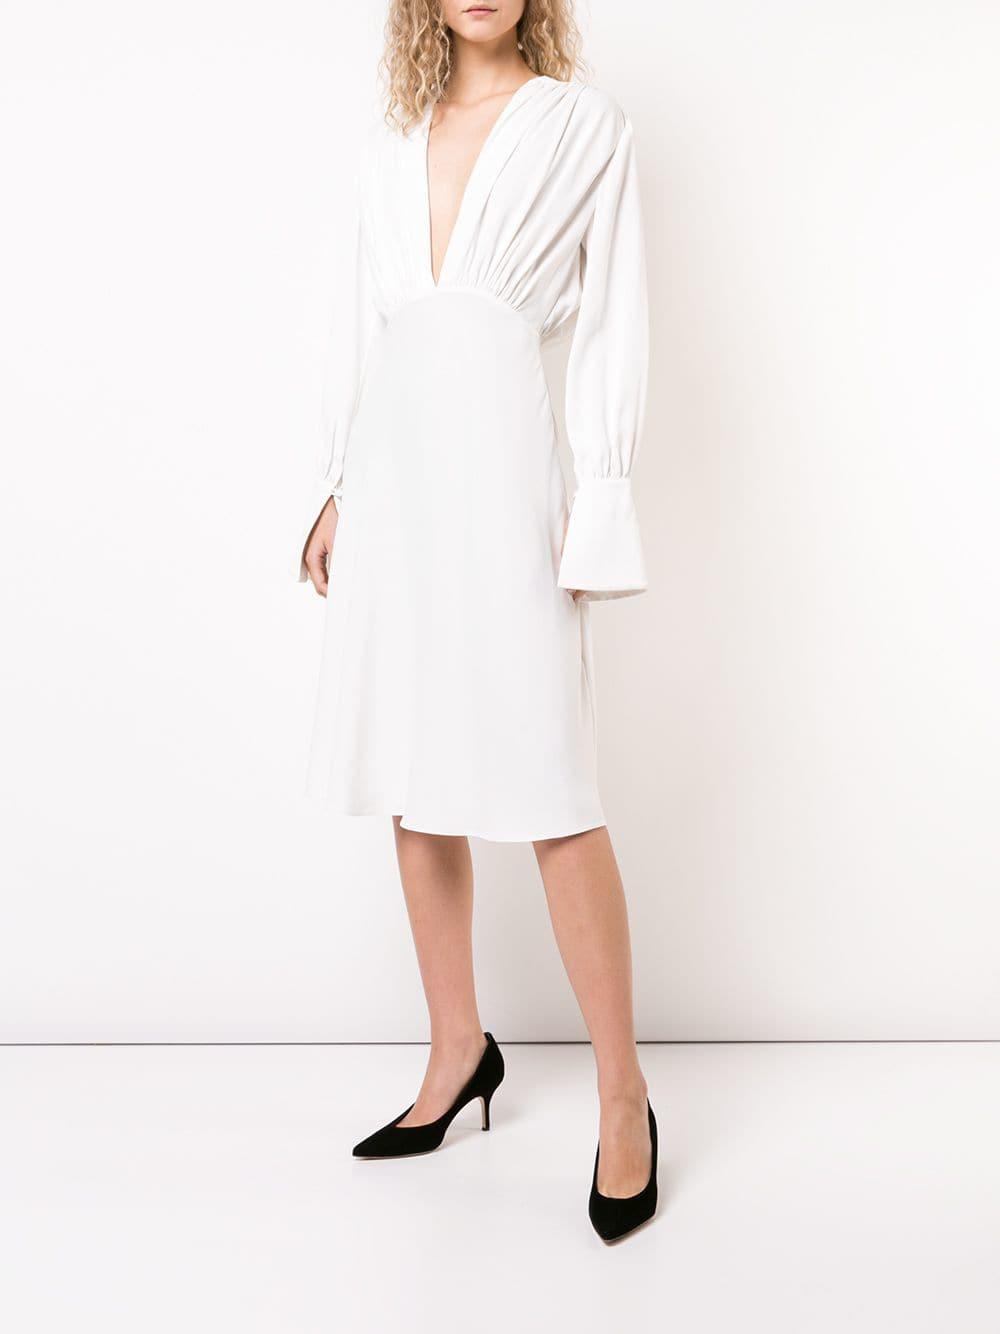 Robe The Connie Synthétique Khaite en coloris Blanc